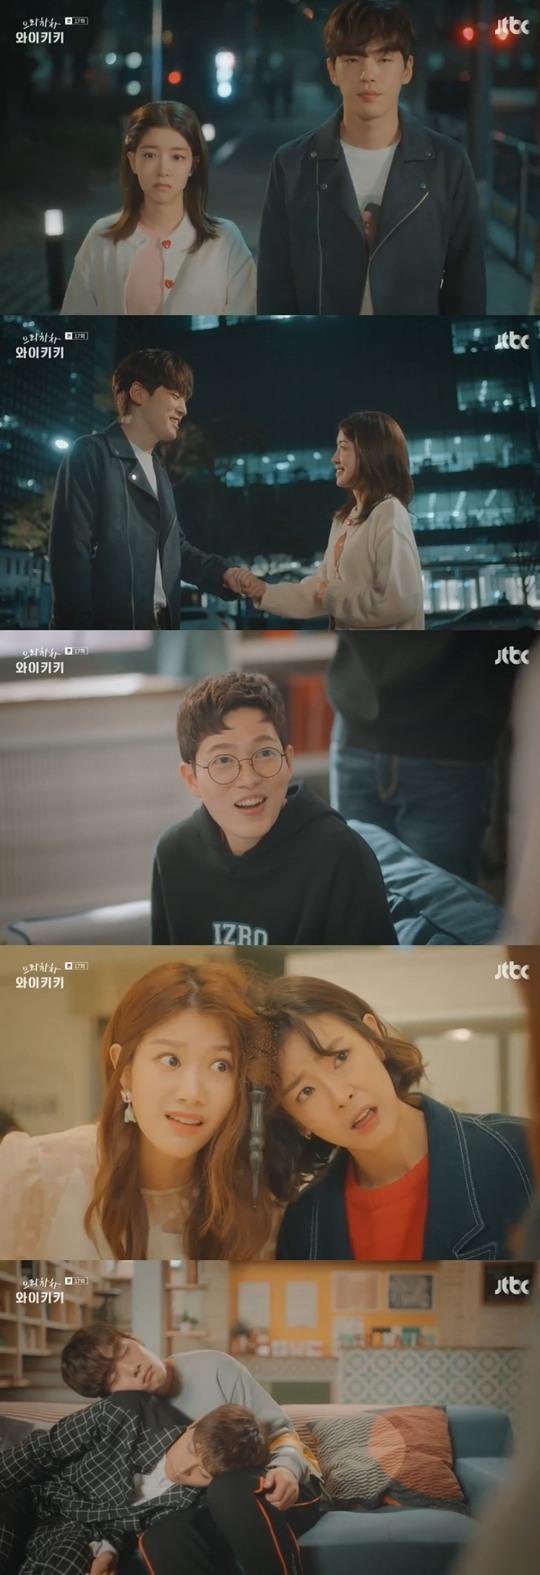 '와이키키' 손승원, 3단 통역 우크라이나 미녀와 첫 연애→초스피드 결별 (종합)